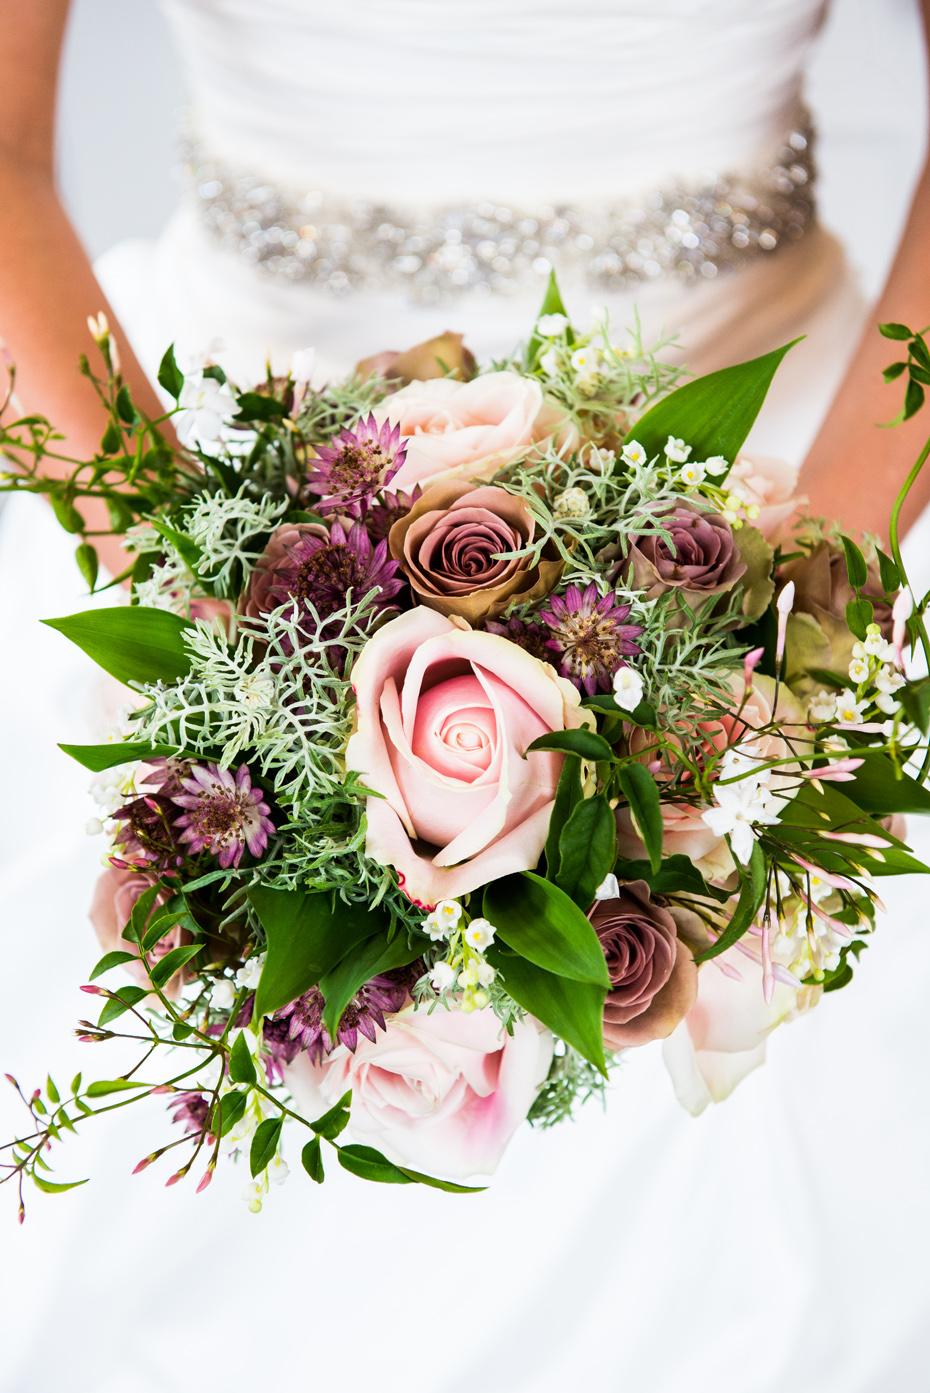 The flower shop Ambleside